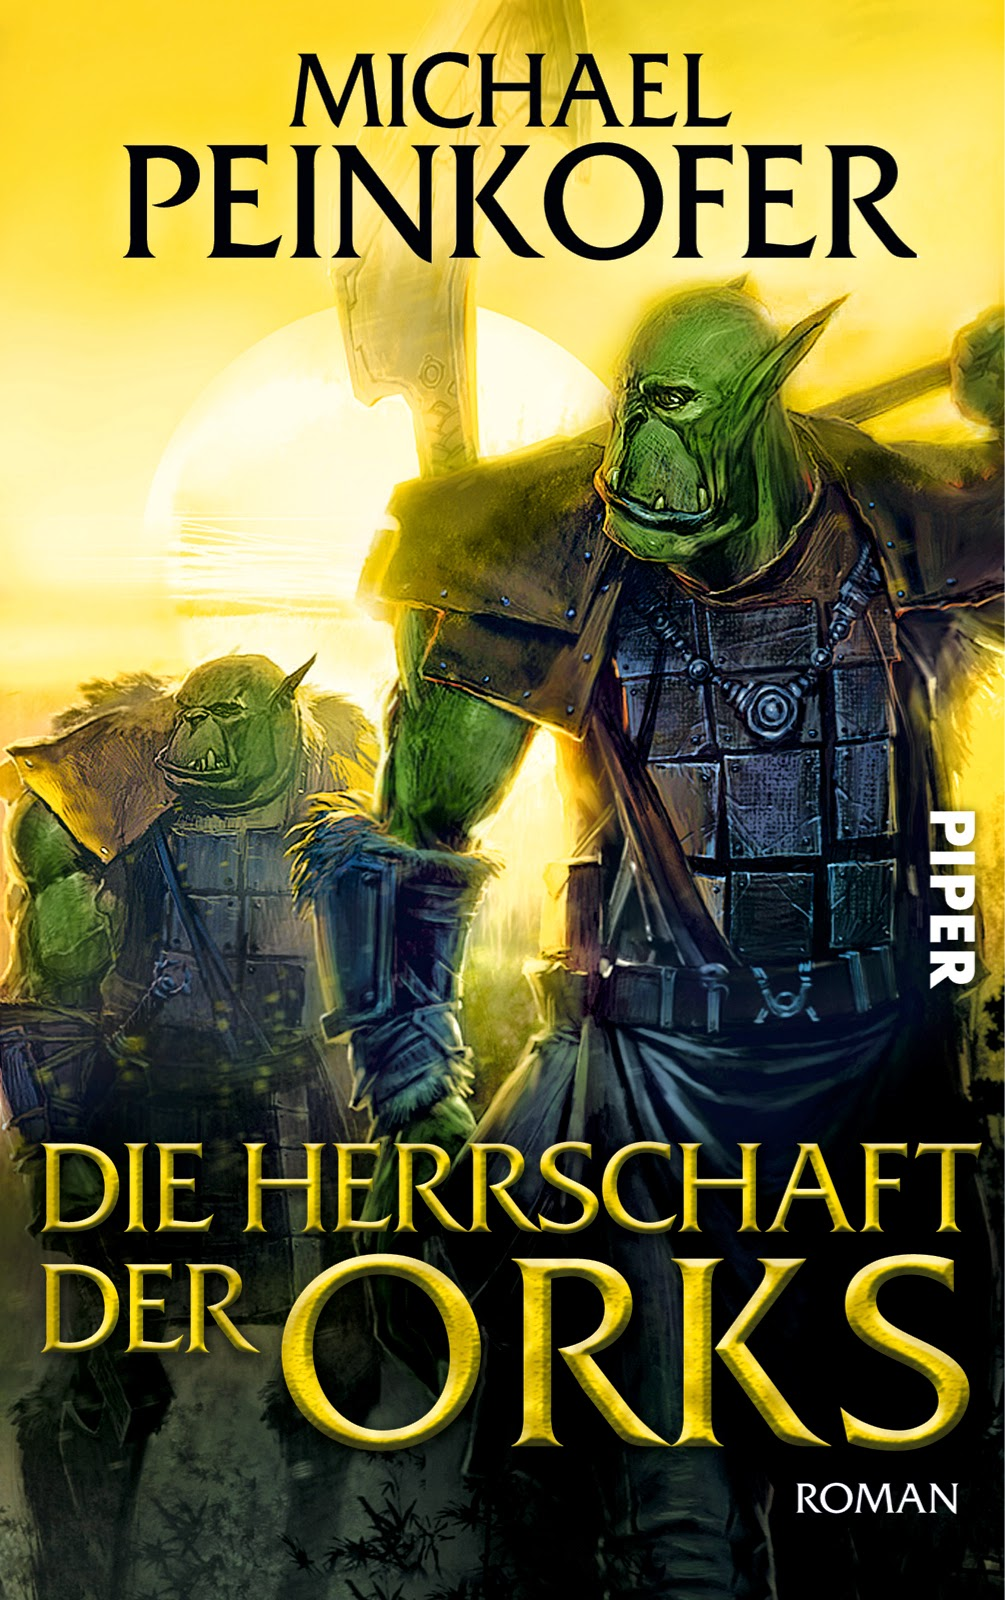 http://www.piper.de/buecher/die-herrschaft-der-orks-isbn-978-3-492-70208-9